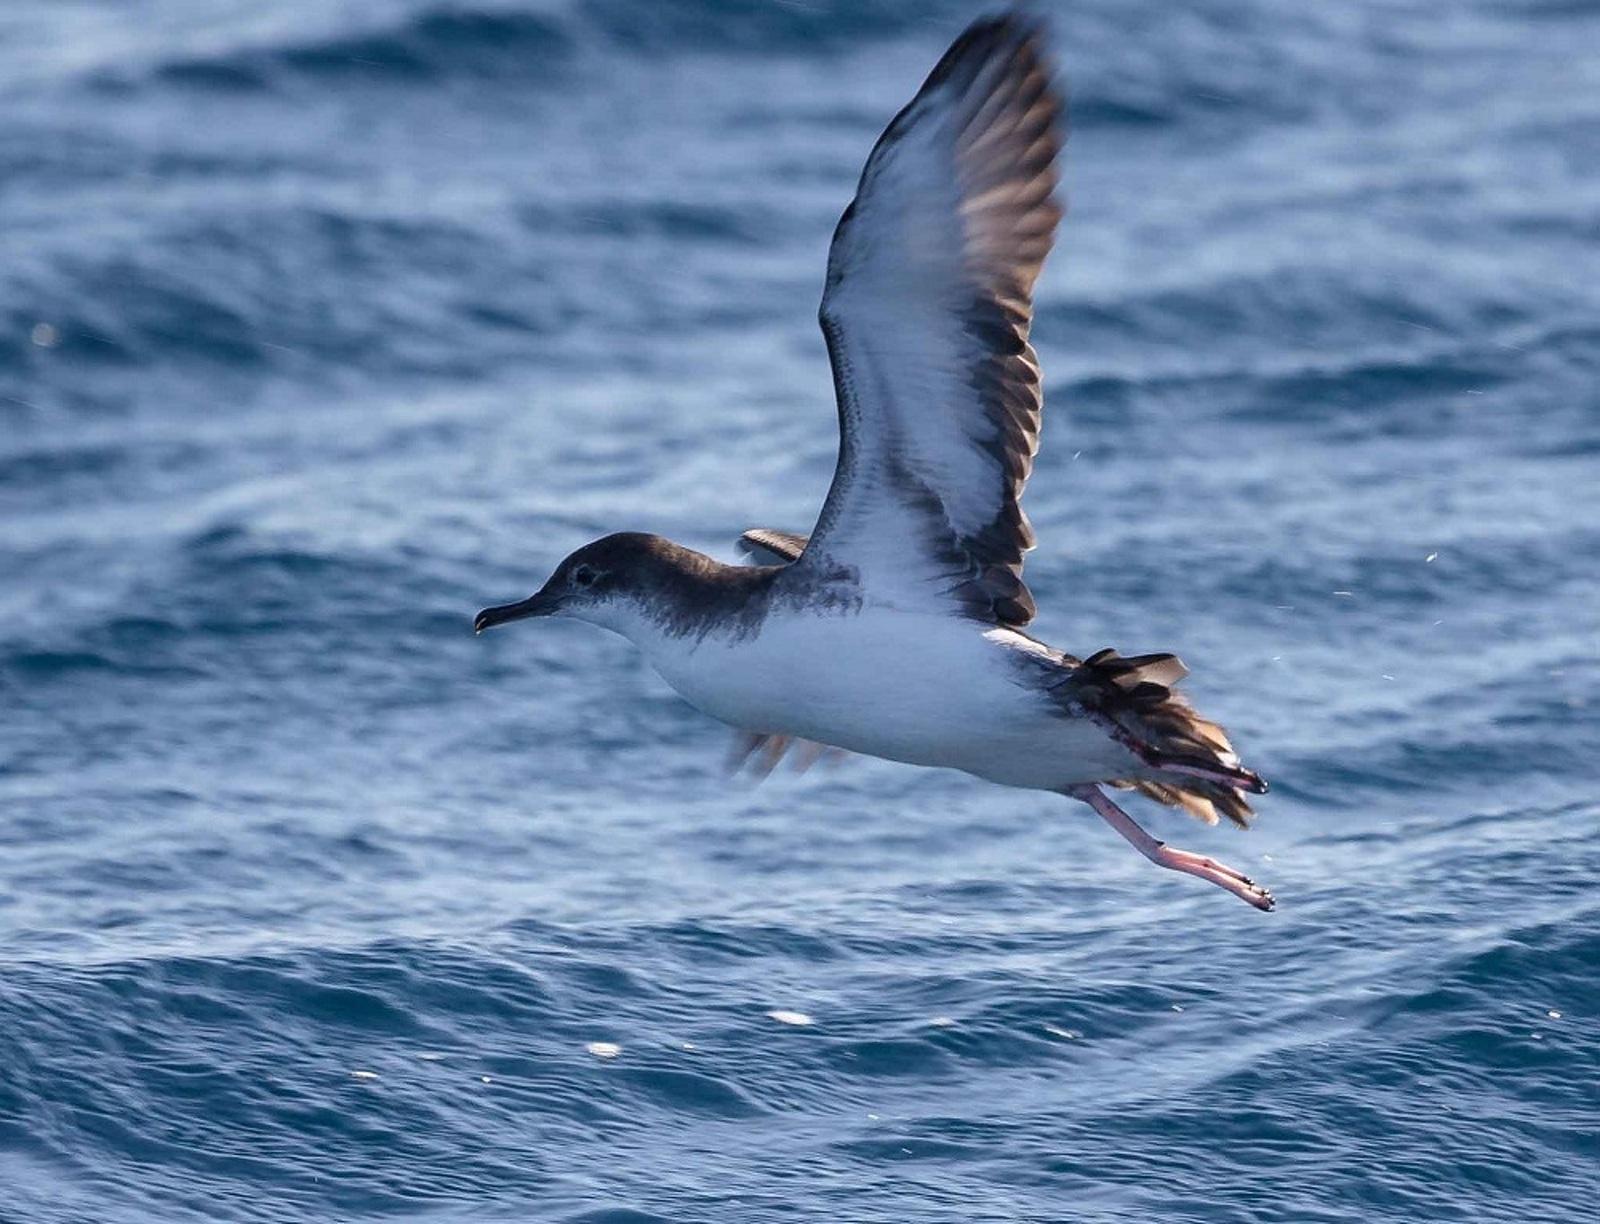 Aquesta espècie és un dels ocells marins més perjudicats per l'impacte de l'activitat pesquera arreu del món